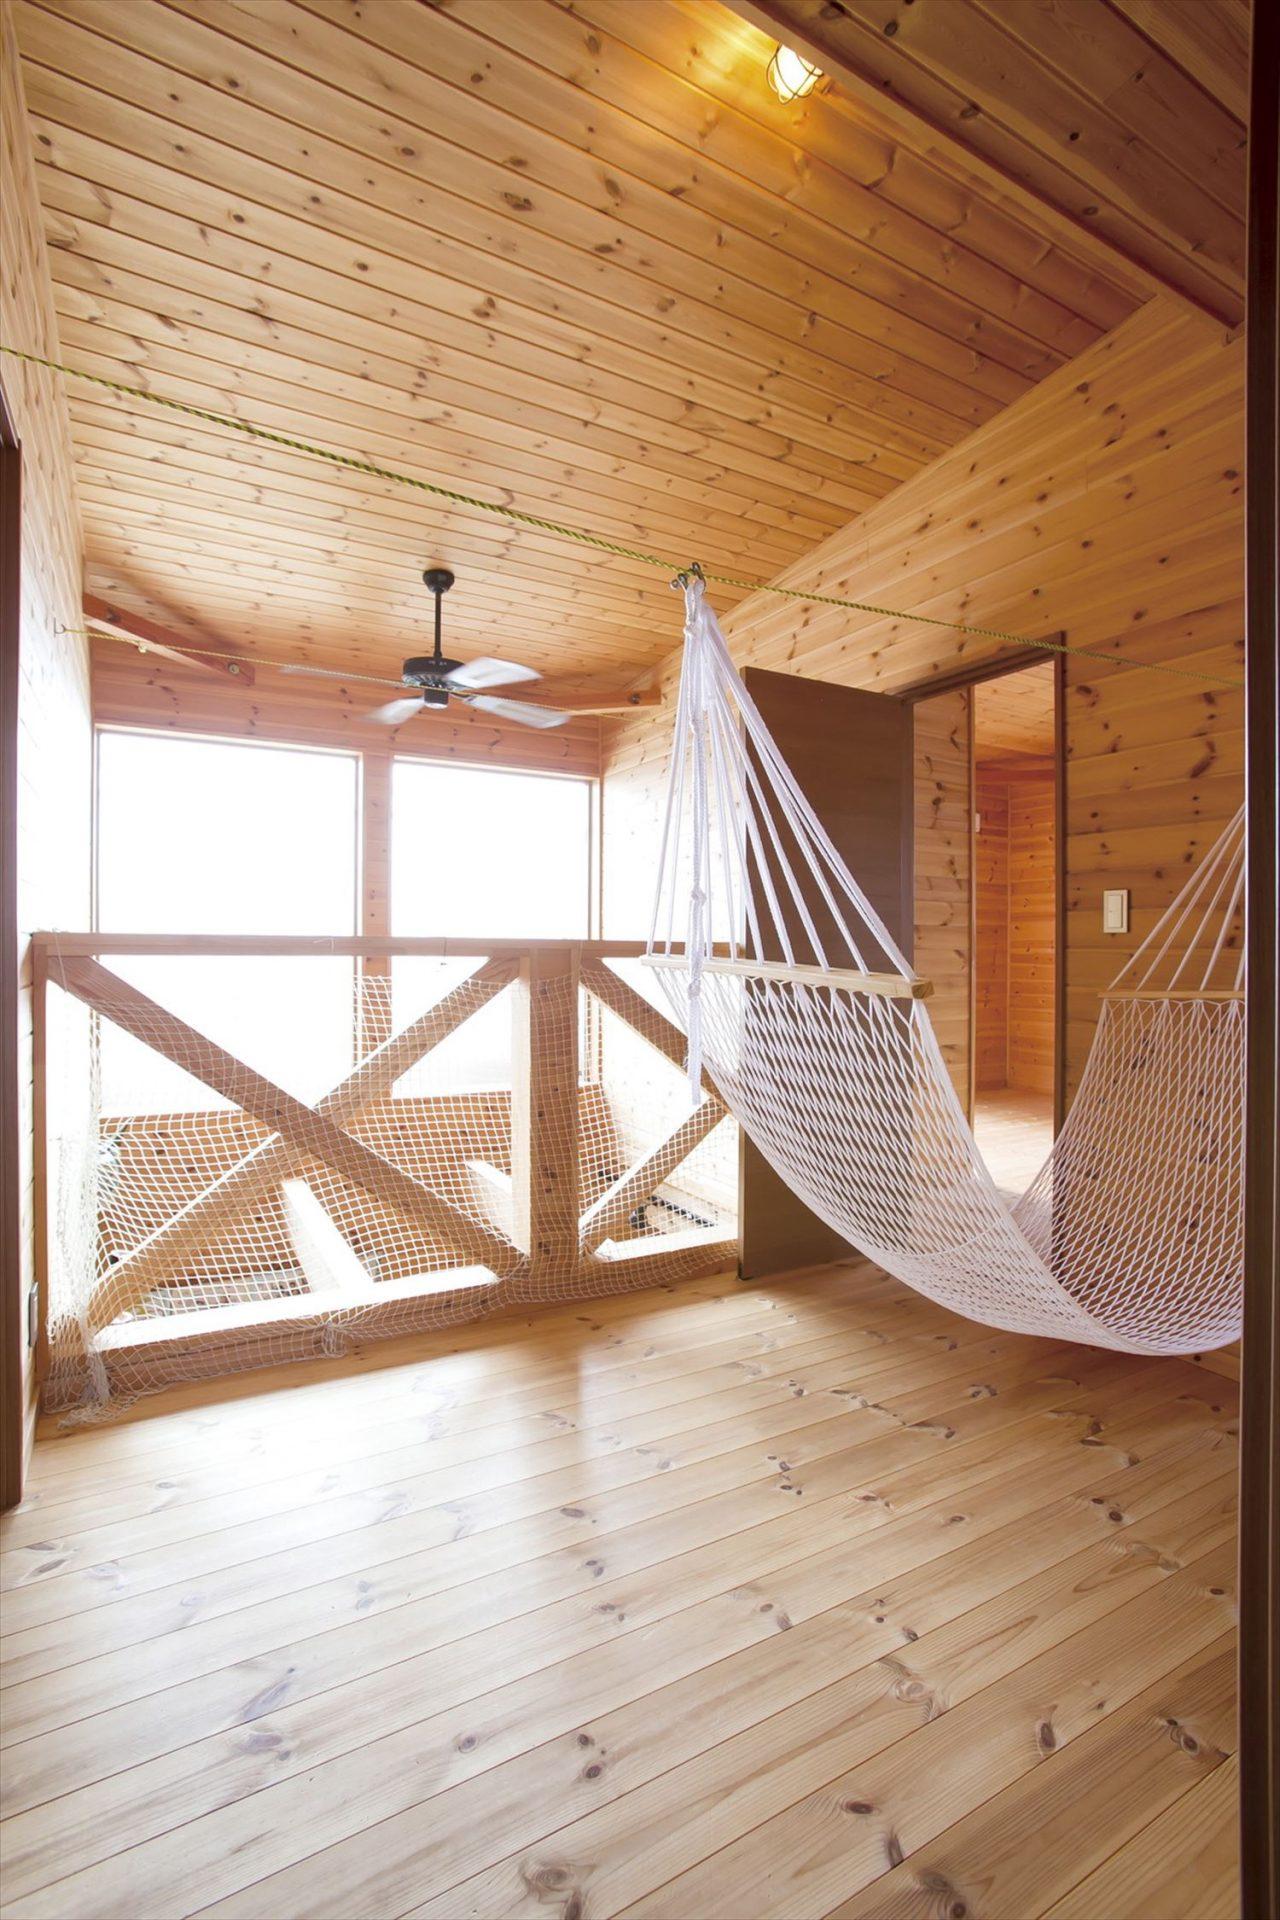 ハンモック|ログハウスのような木の家を低価格で建てるならエイ・ワン